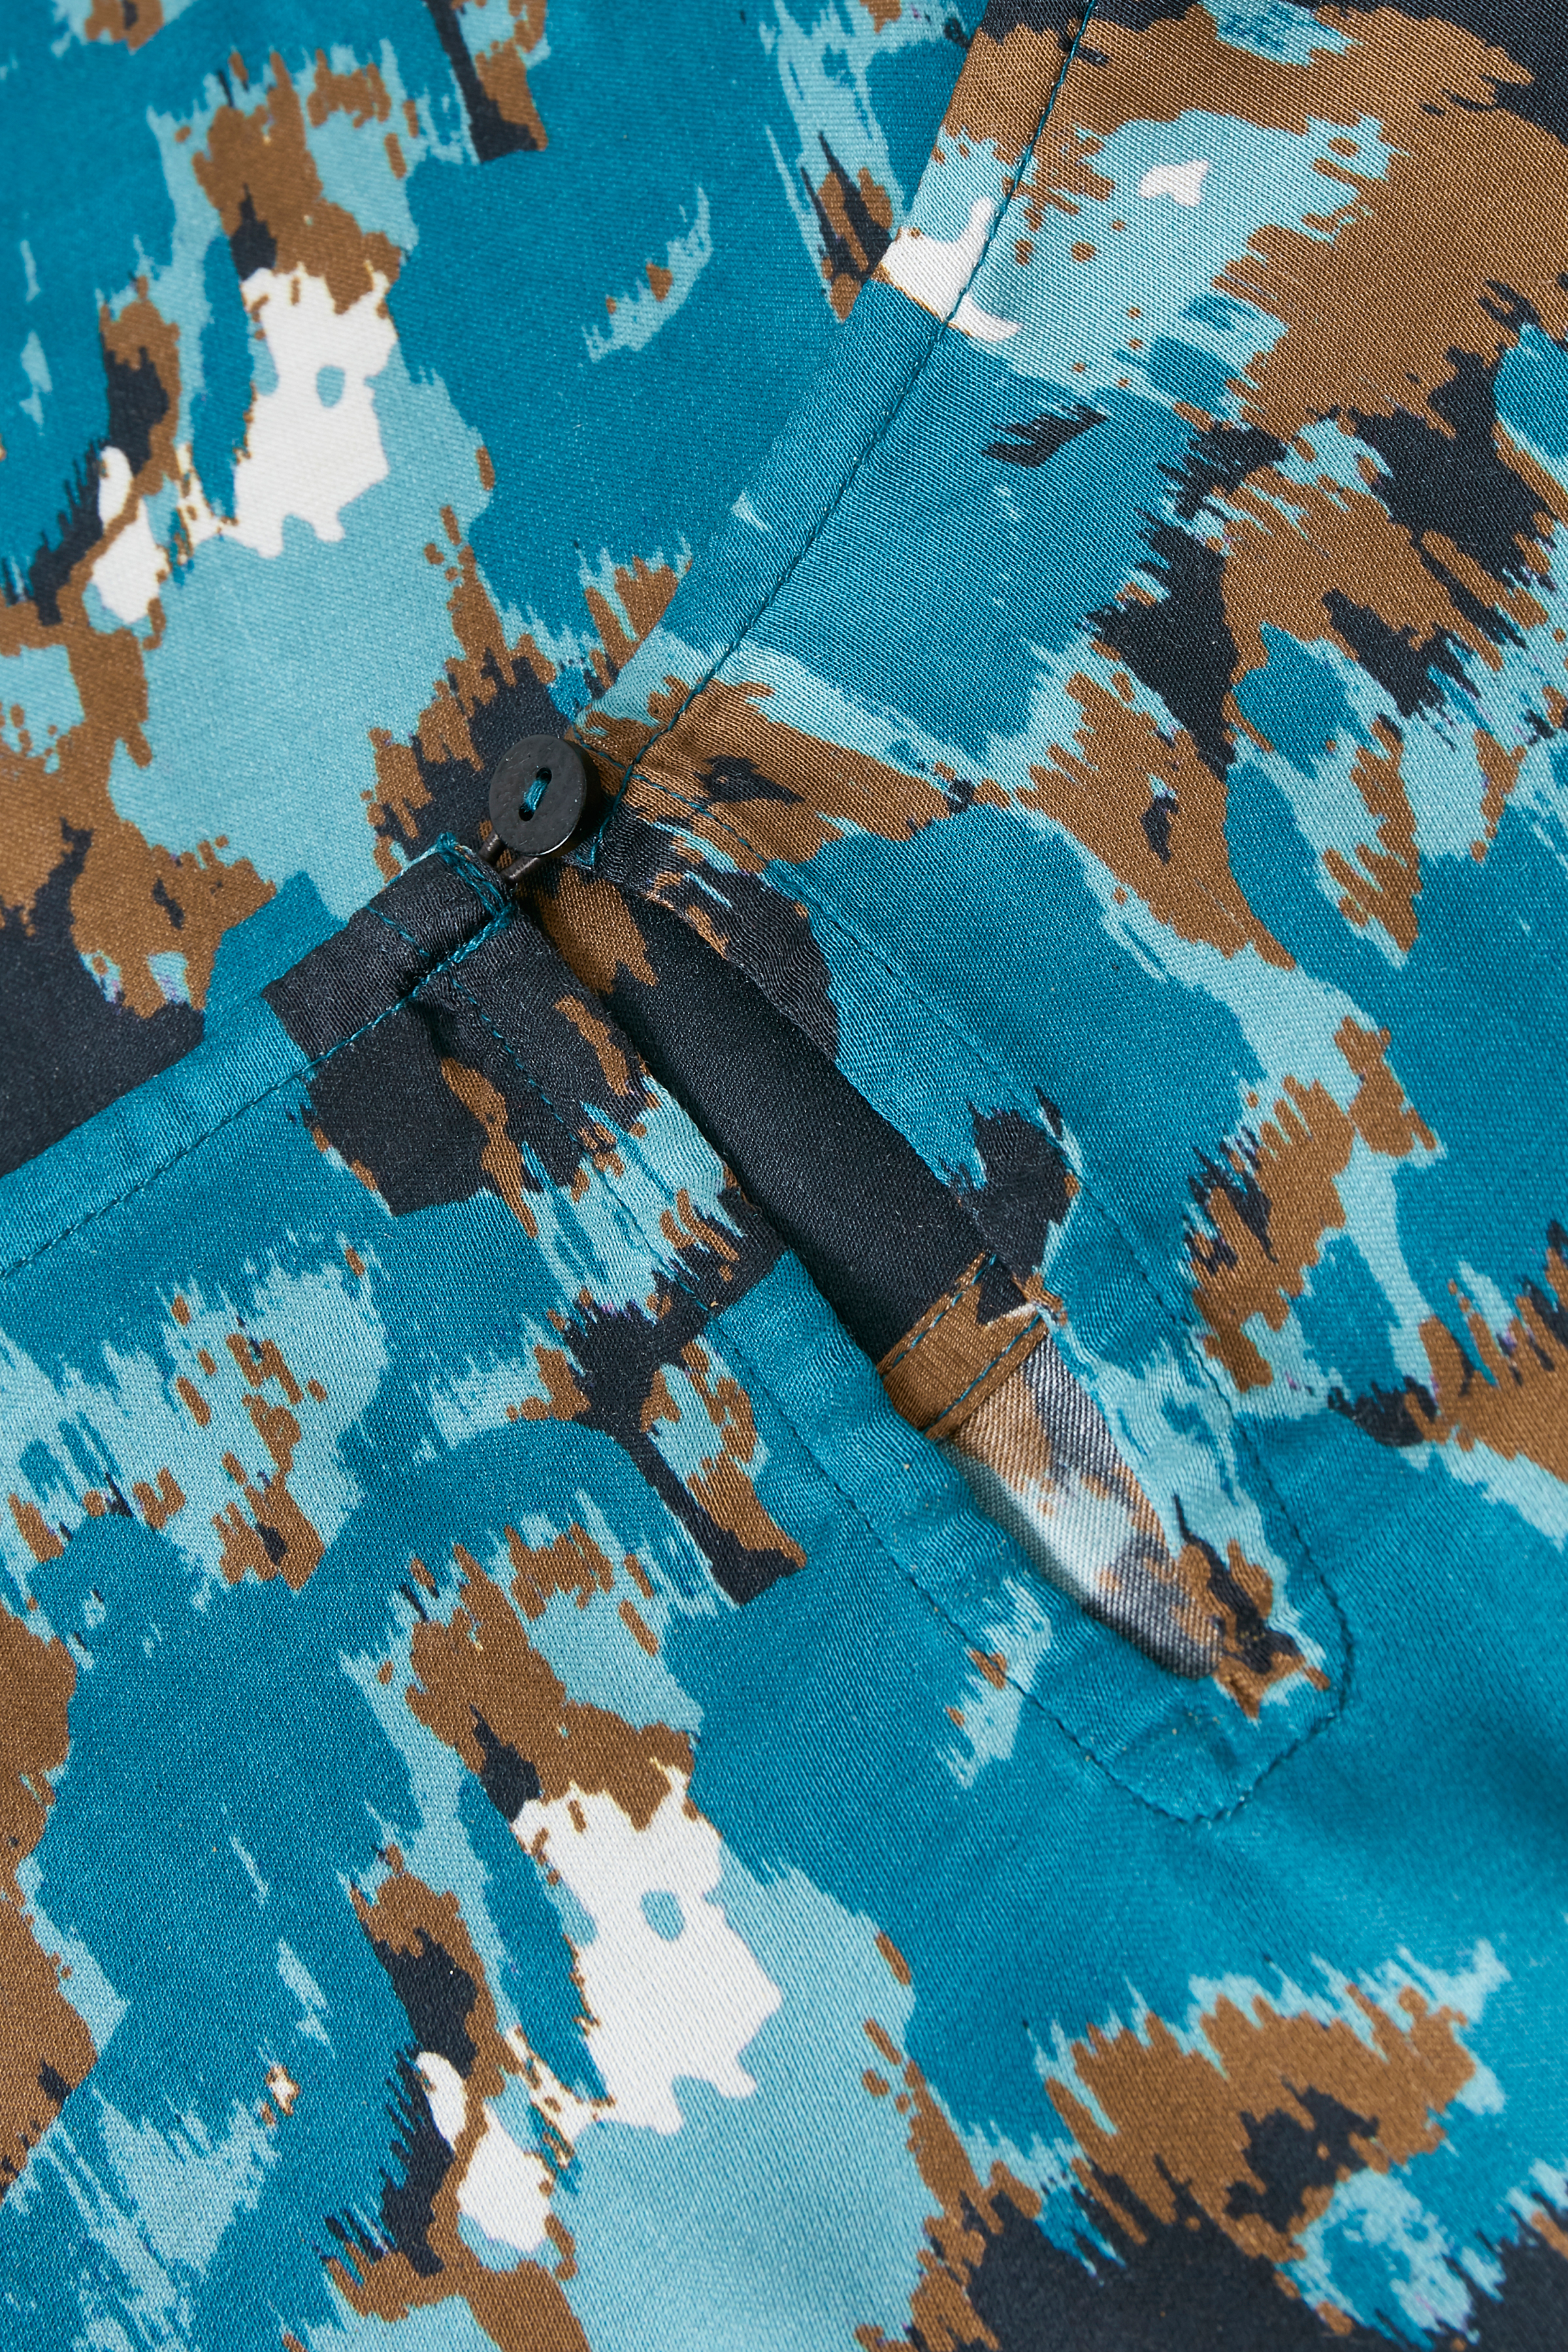 Marineblau/blau Langarm-Bluse von Dranella – Shoppen Sie Marineblau/blau Langarm-Bluse ab Gr. 34-46 hier